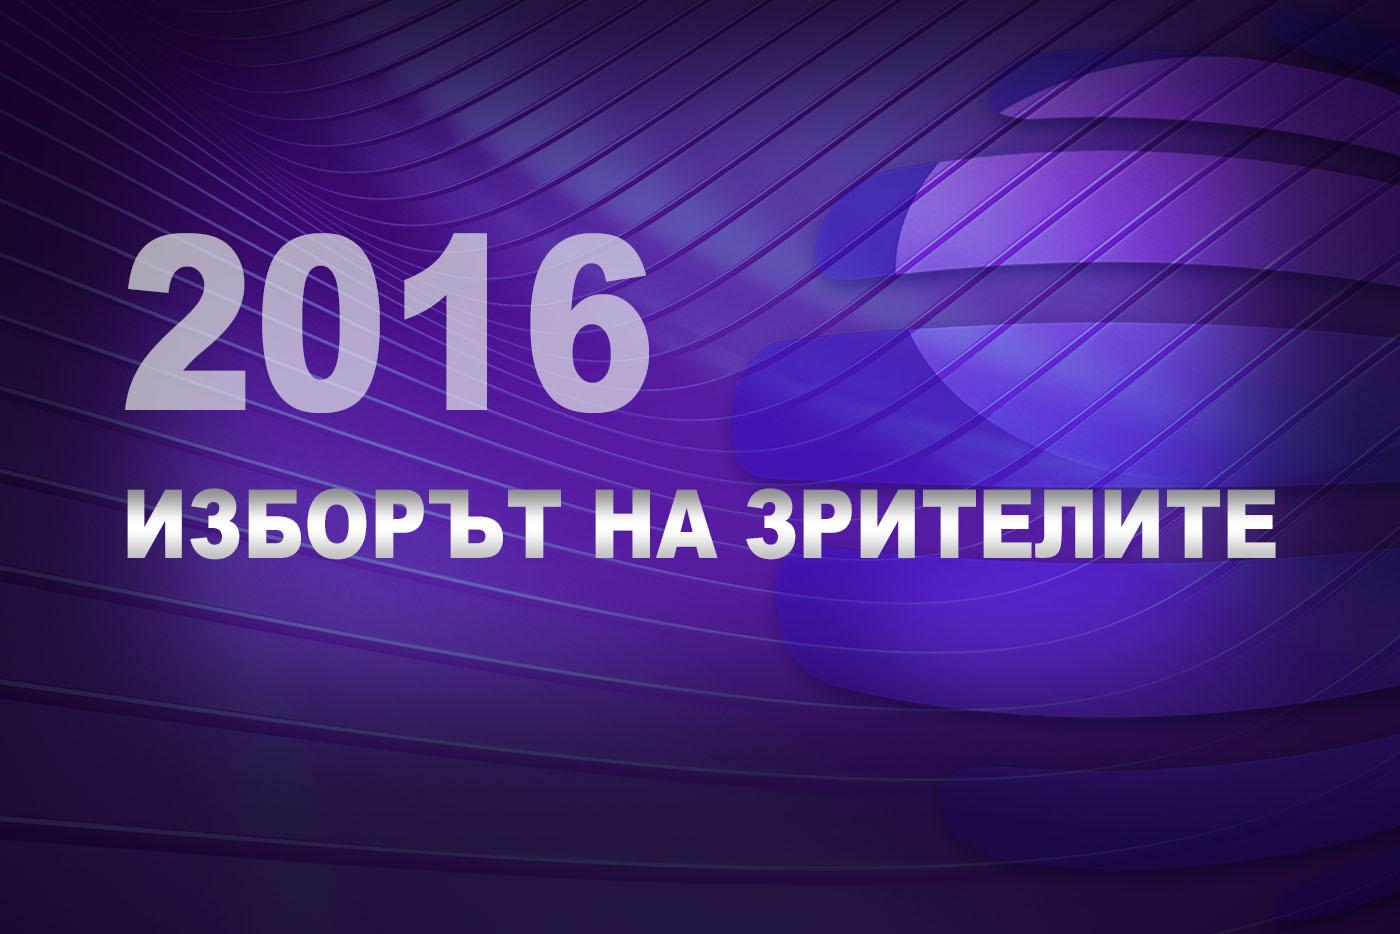 """""""Планета"""" ТВ обявява """"Изборът на зрителите - 2016"""""""